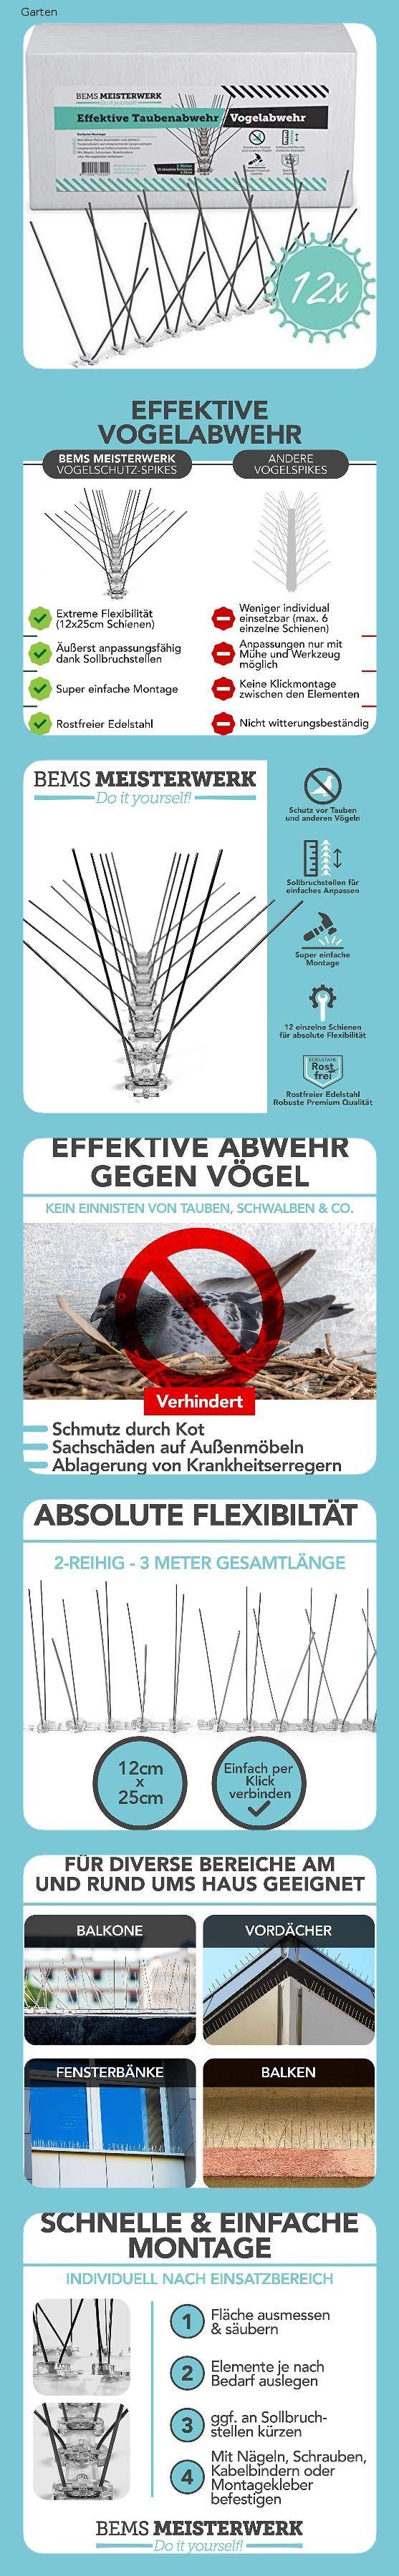 Bems Meisterwerk Effektive Taubenabwehr Und Vogelabwehr Mit